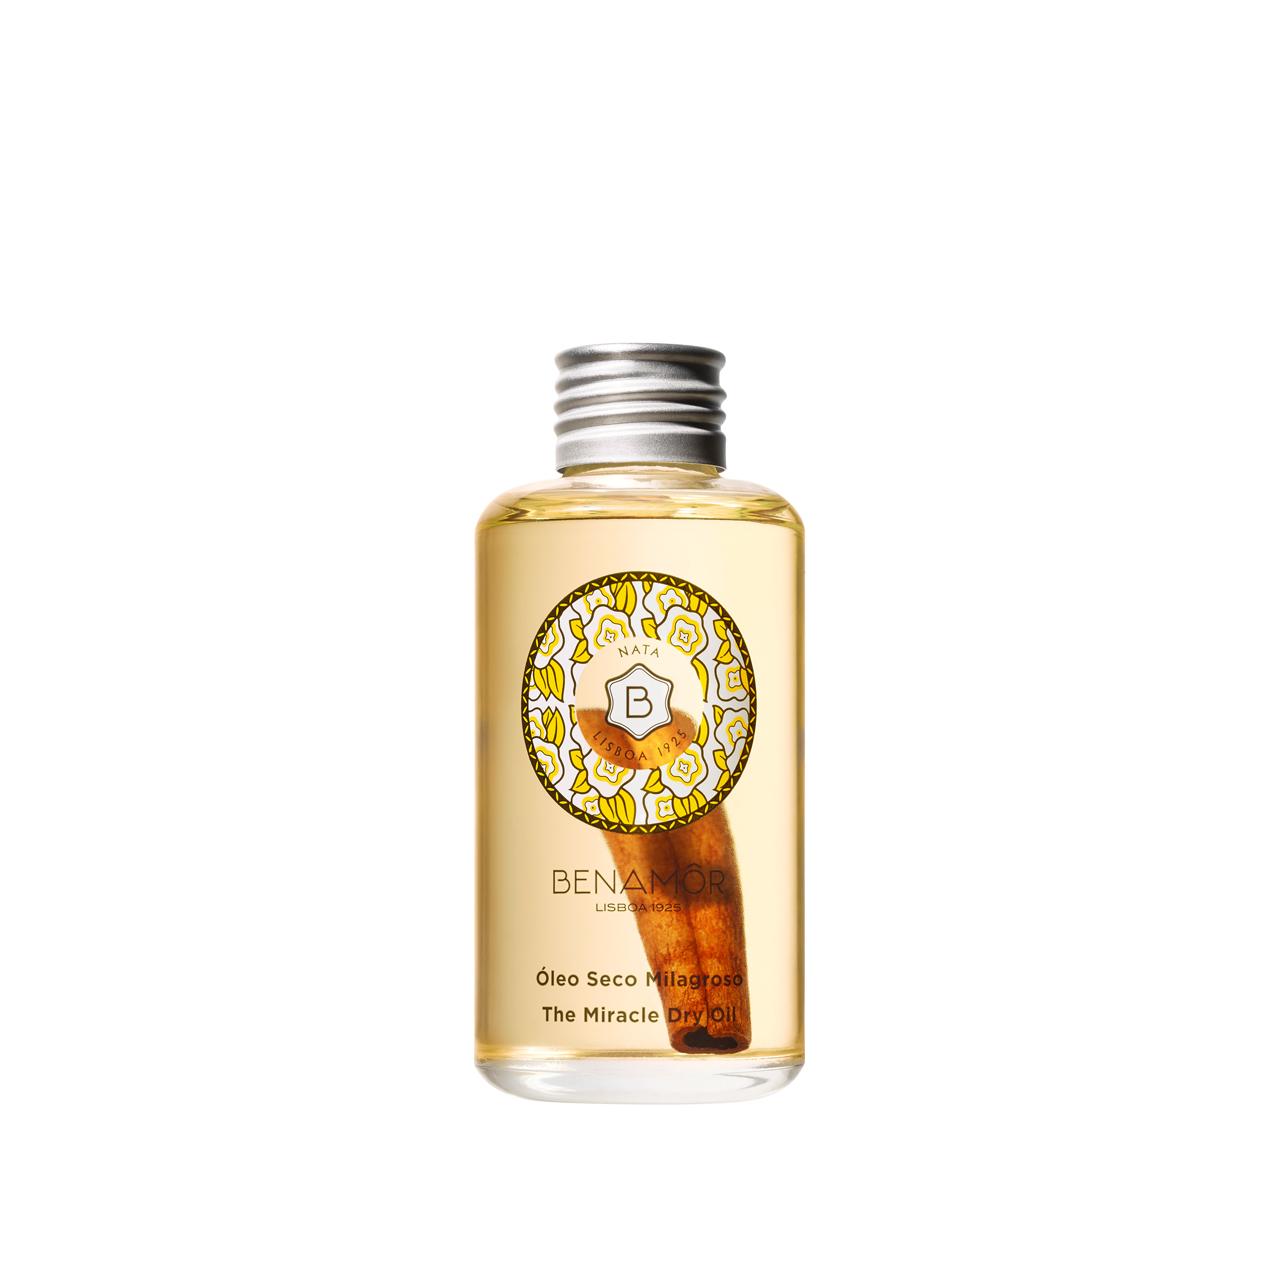 Nata - Body Oil